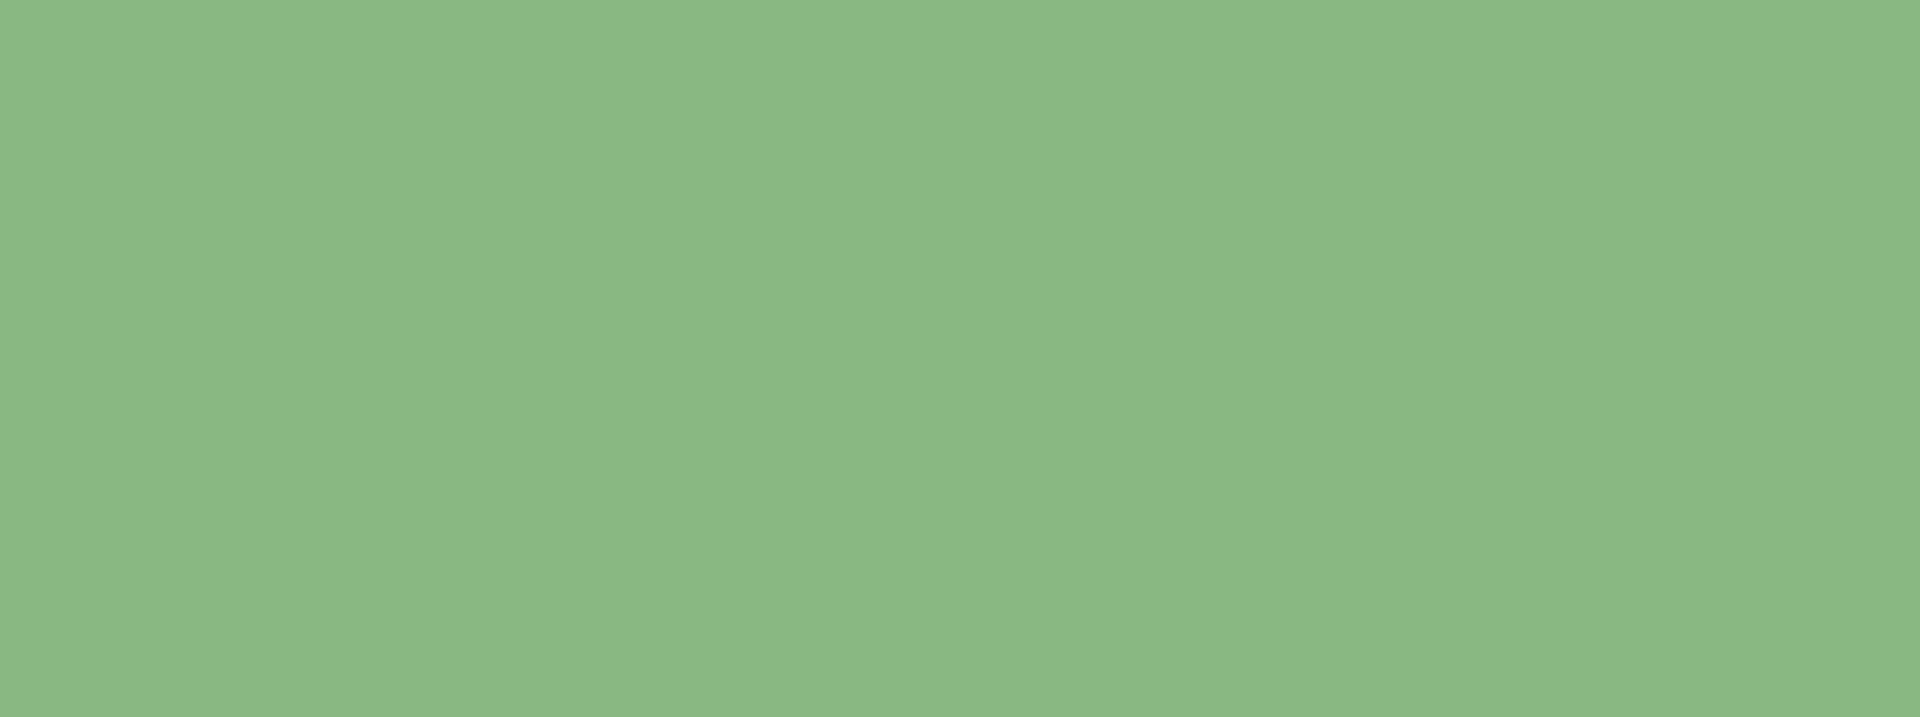 MISSION - Proporre soluzioni personalizzate per soddisfare al meglio ogni singolo cliente, garantendo al tempo stesso efficienza aziendale, versatilità di produzione e un' ineccepibile qualità del prodotto finito.Mantenere un rapporto diretto con la clientela per favorire lo sviluppo di idee originali e innovative, che contribuiscano sia alla crescita aziendale sia alla creazione di prodotti di qualità e alta tecnologia.